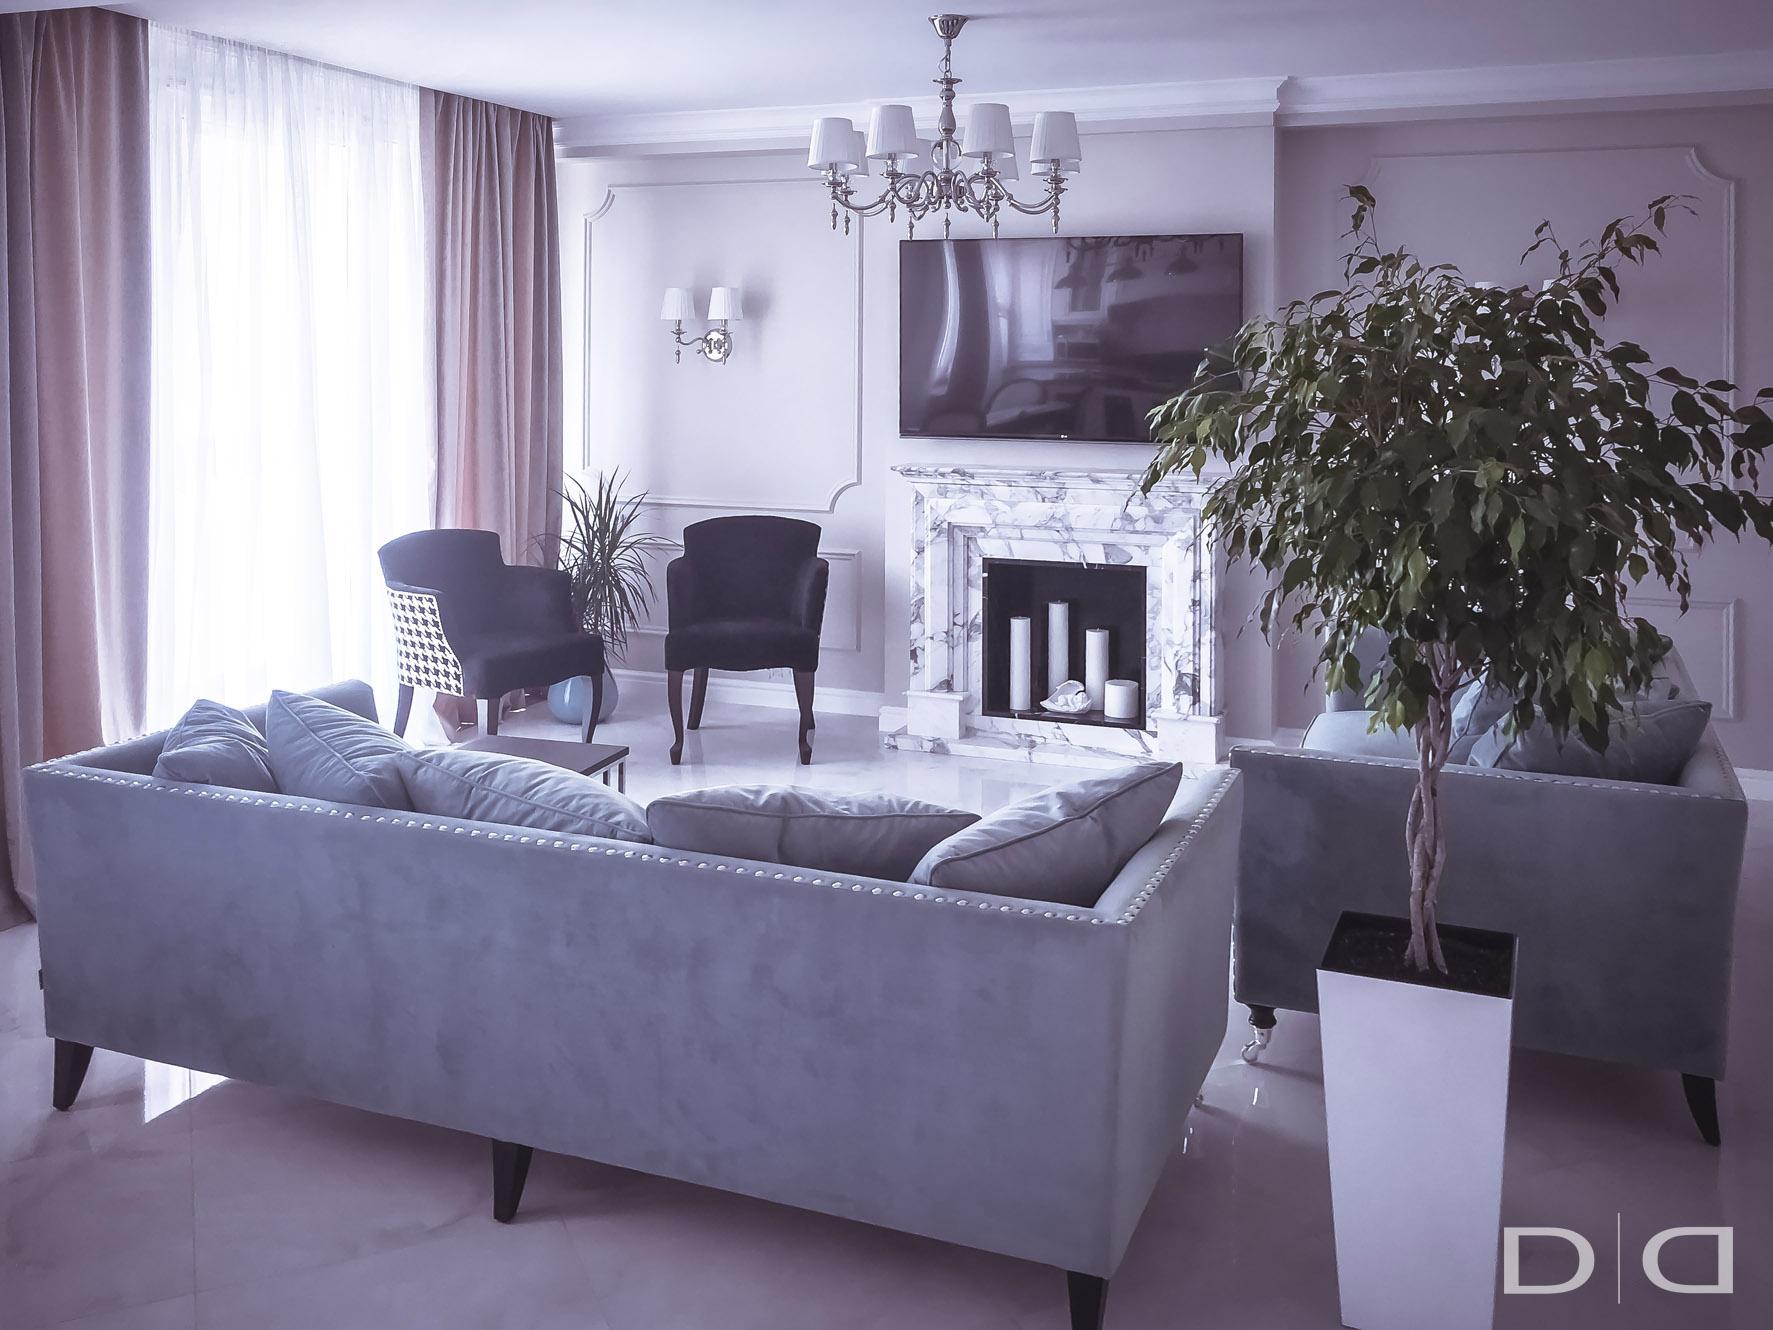 101_dd-interior_studio_design_project_minsk_009-14